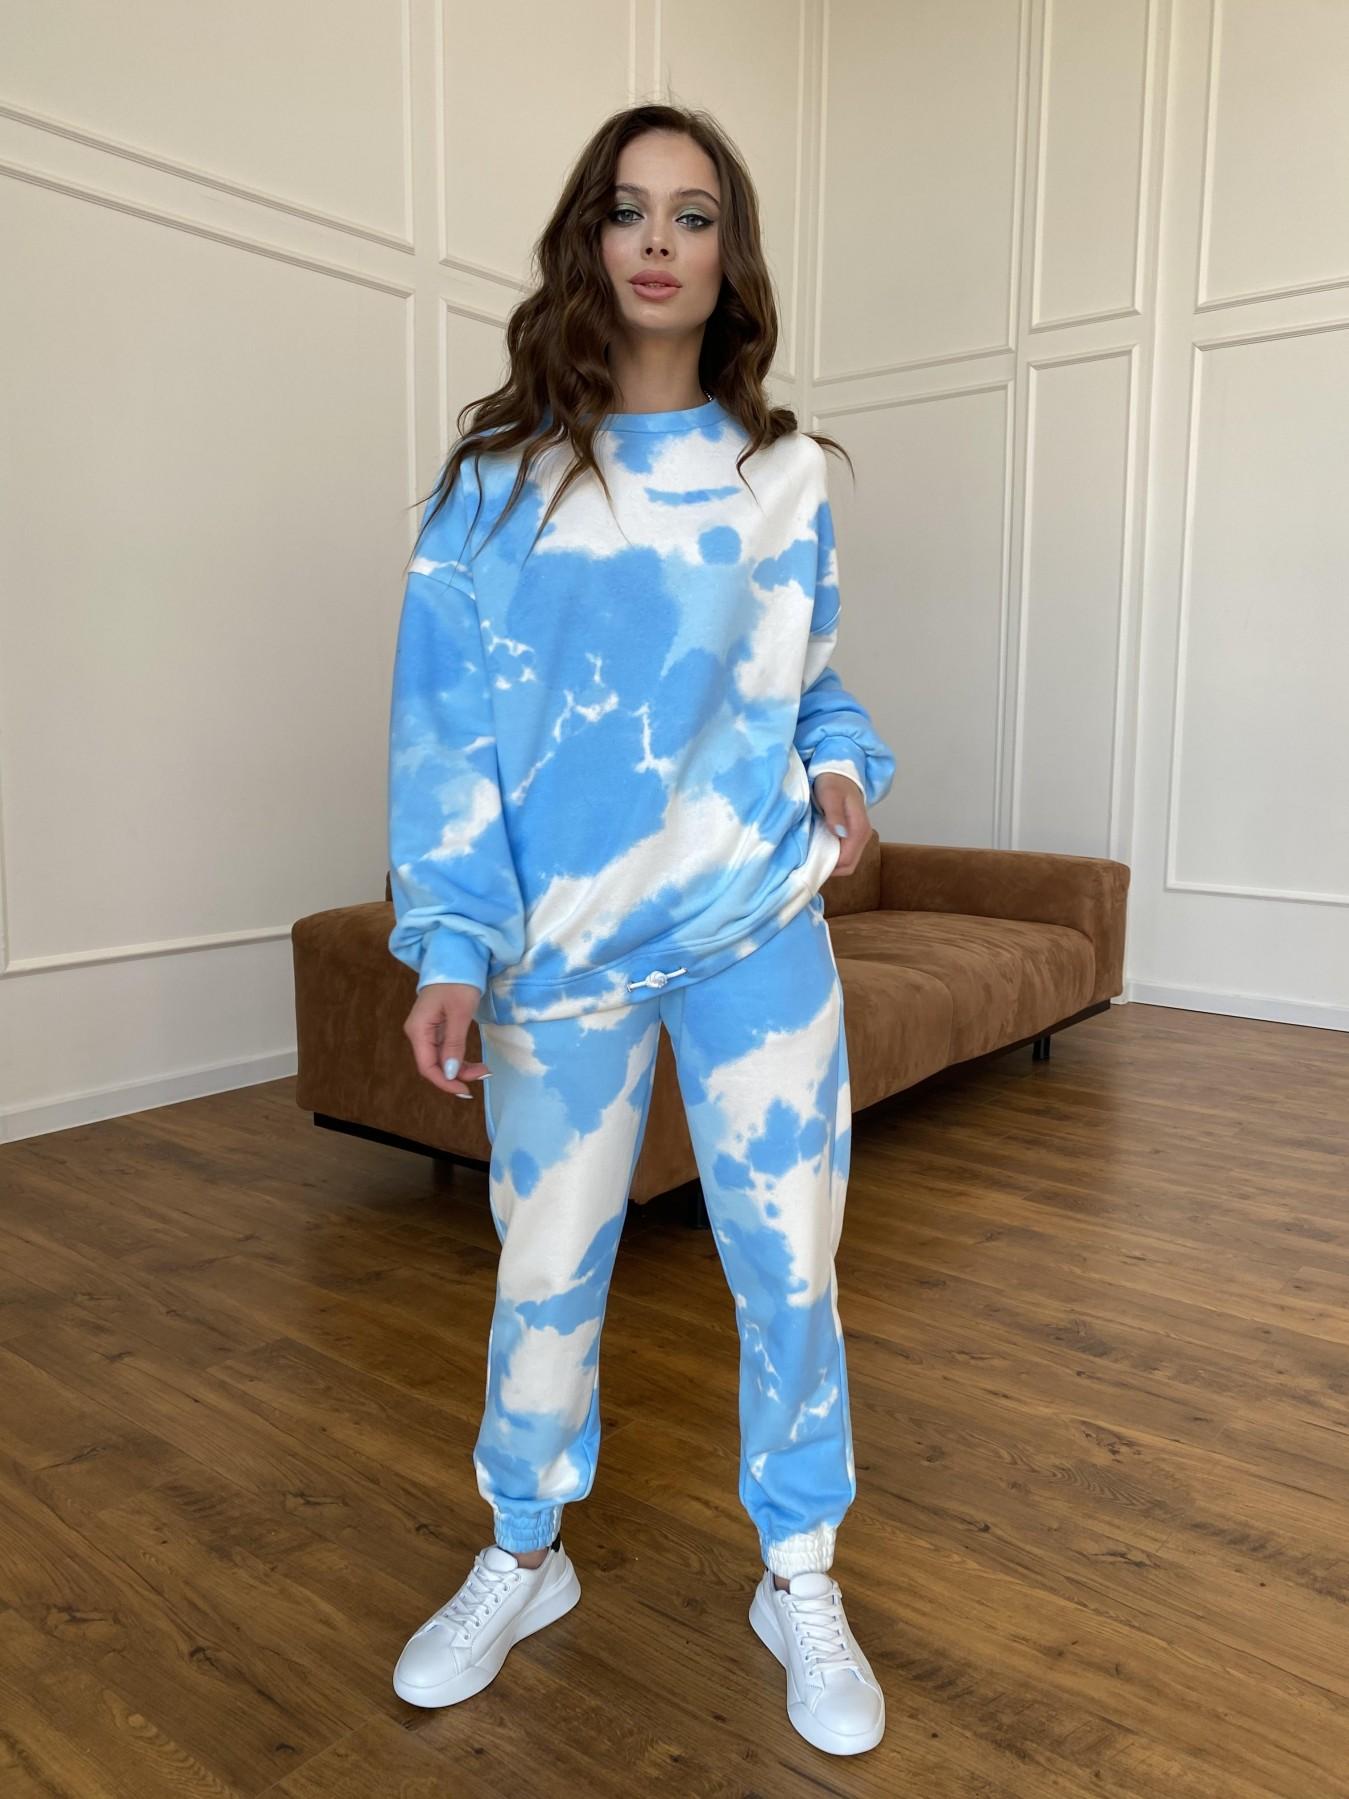 Скай костюм c принтом из 3х нитки 11248 АРТ. 47769 Цвет: Молоко/голубойТайДай - фото 1, интернет магазин tm-modus.ru